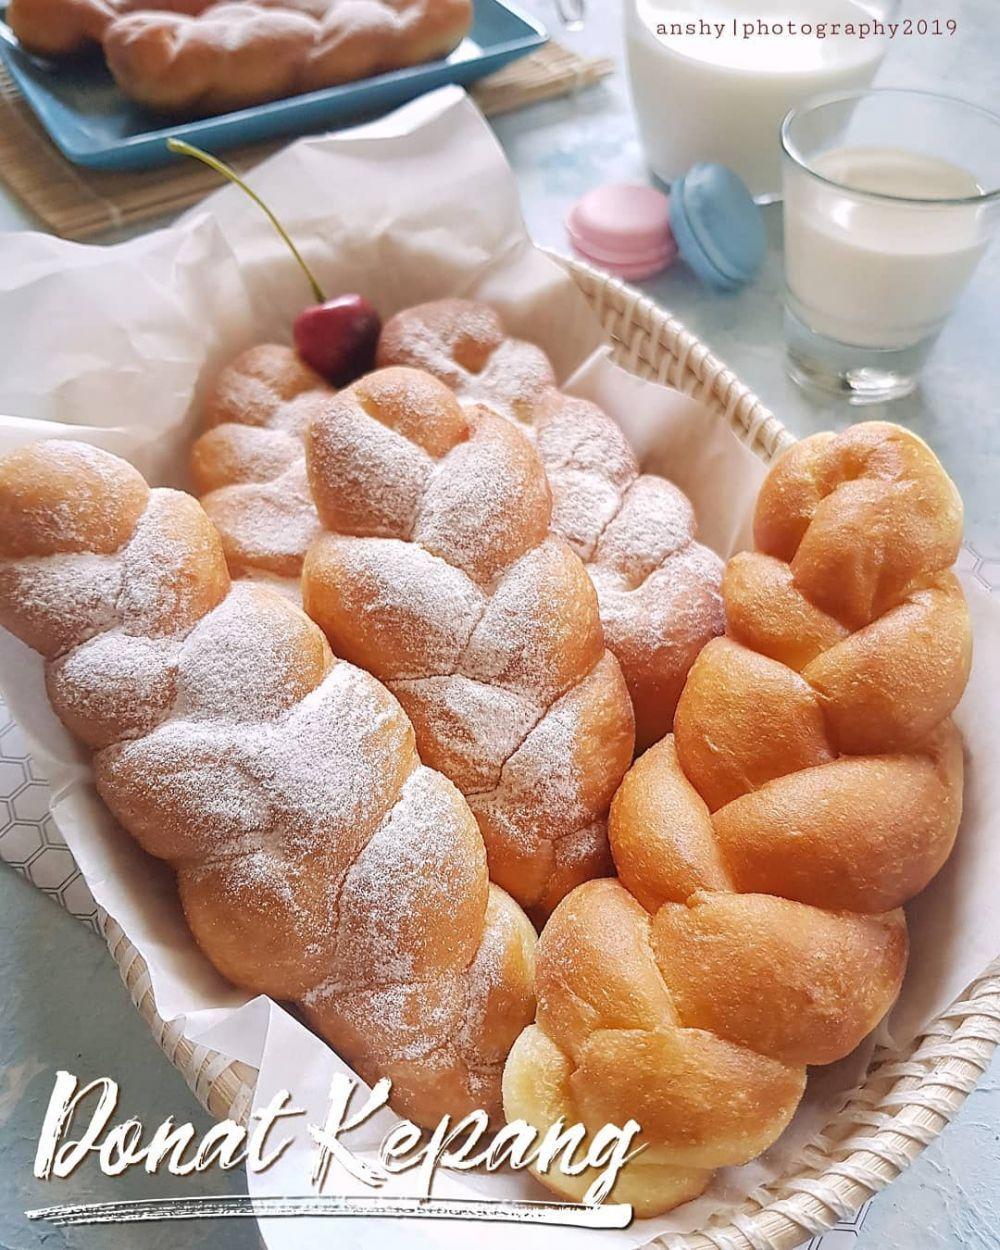 membuat donat kentang empuk istimewa   makanan manis donat makanan Resepi Kentang Jacket Enak dan Mudah